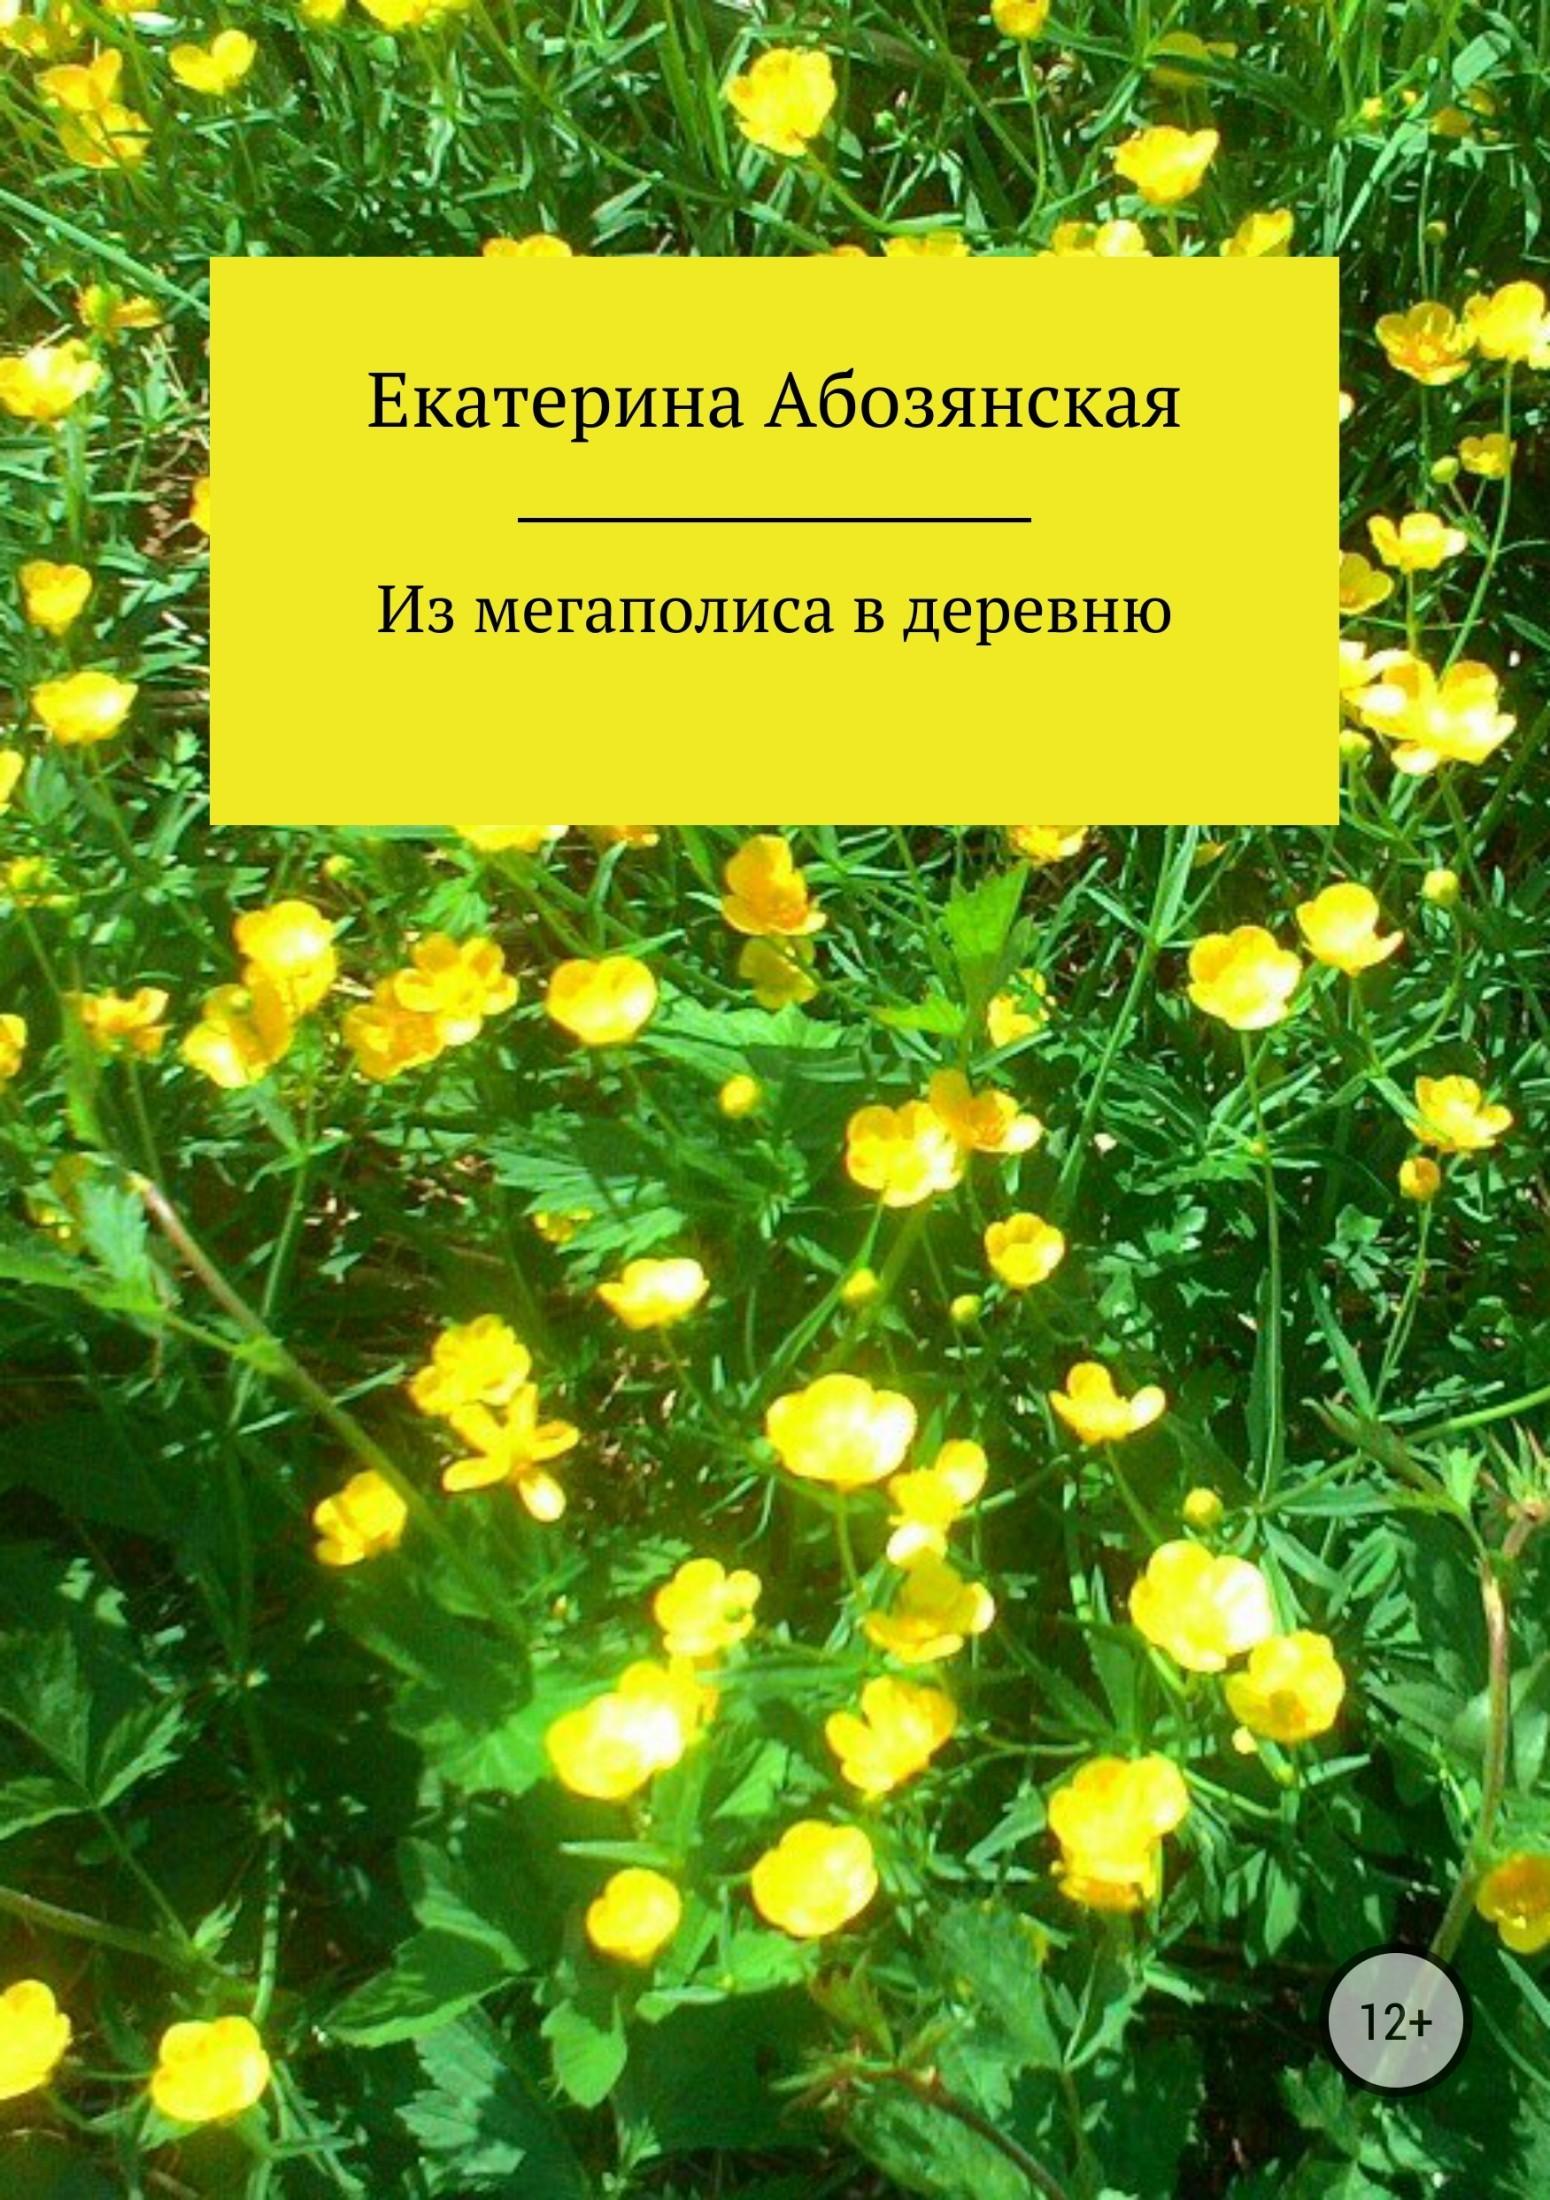 Екатерина Абозянская Из мегаполиса в деревню